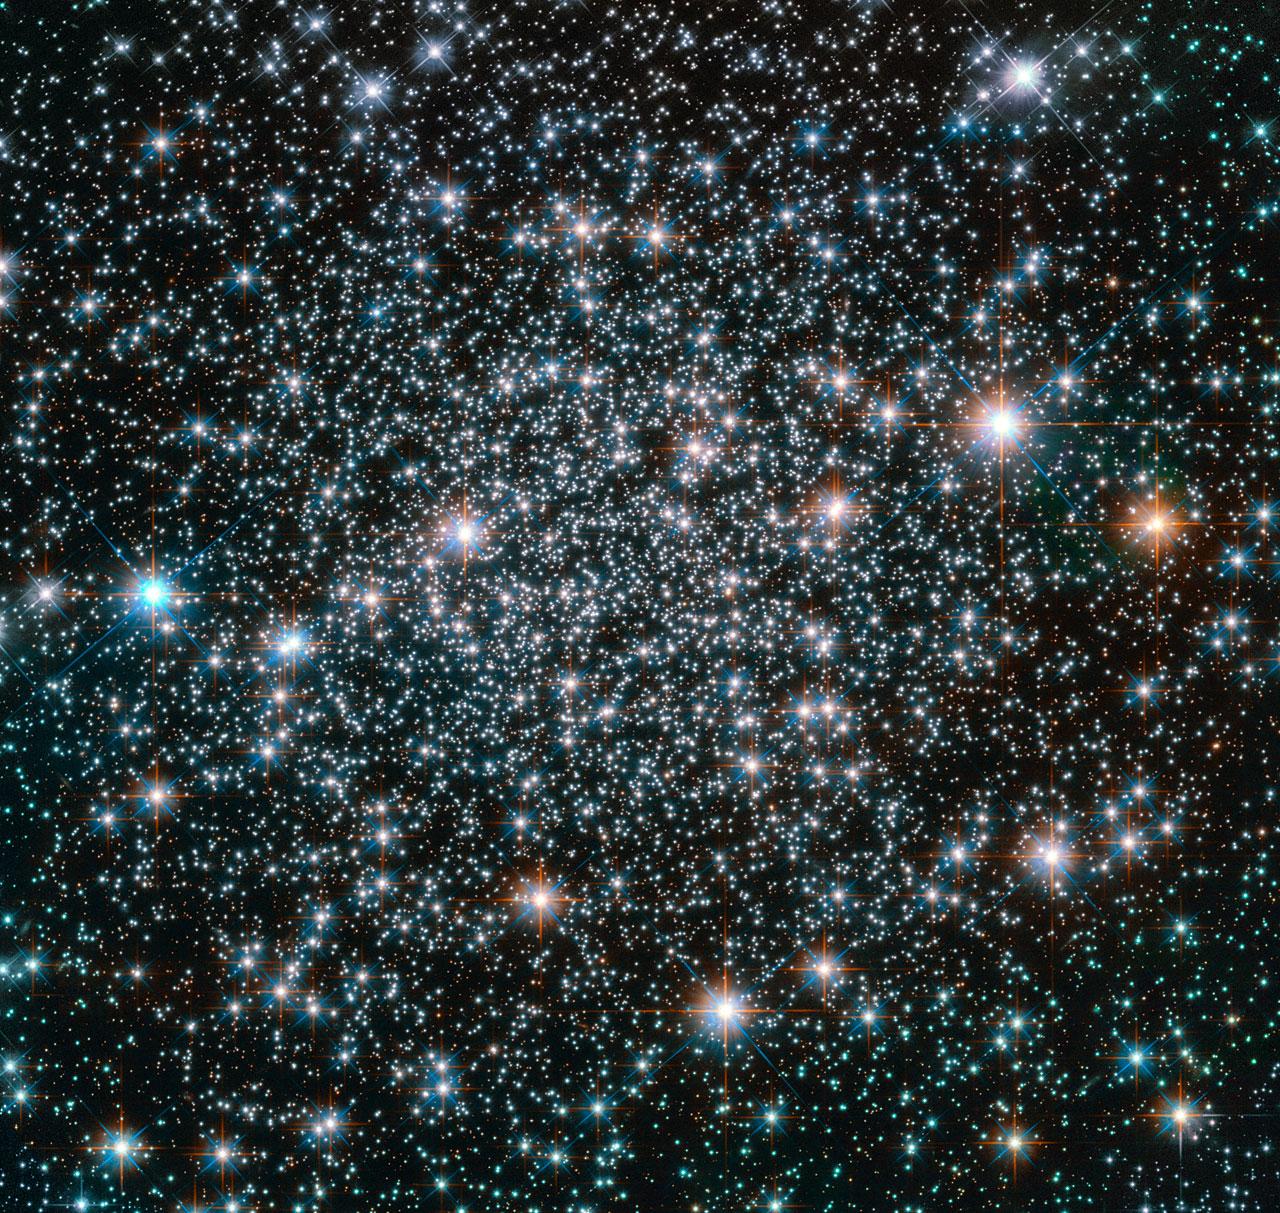 Image credit: ESA/Hubble & NASA. Acknowledgement: Judy Schmidt.